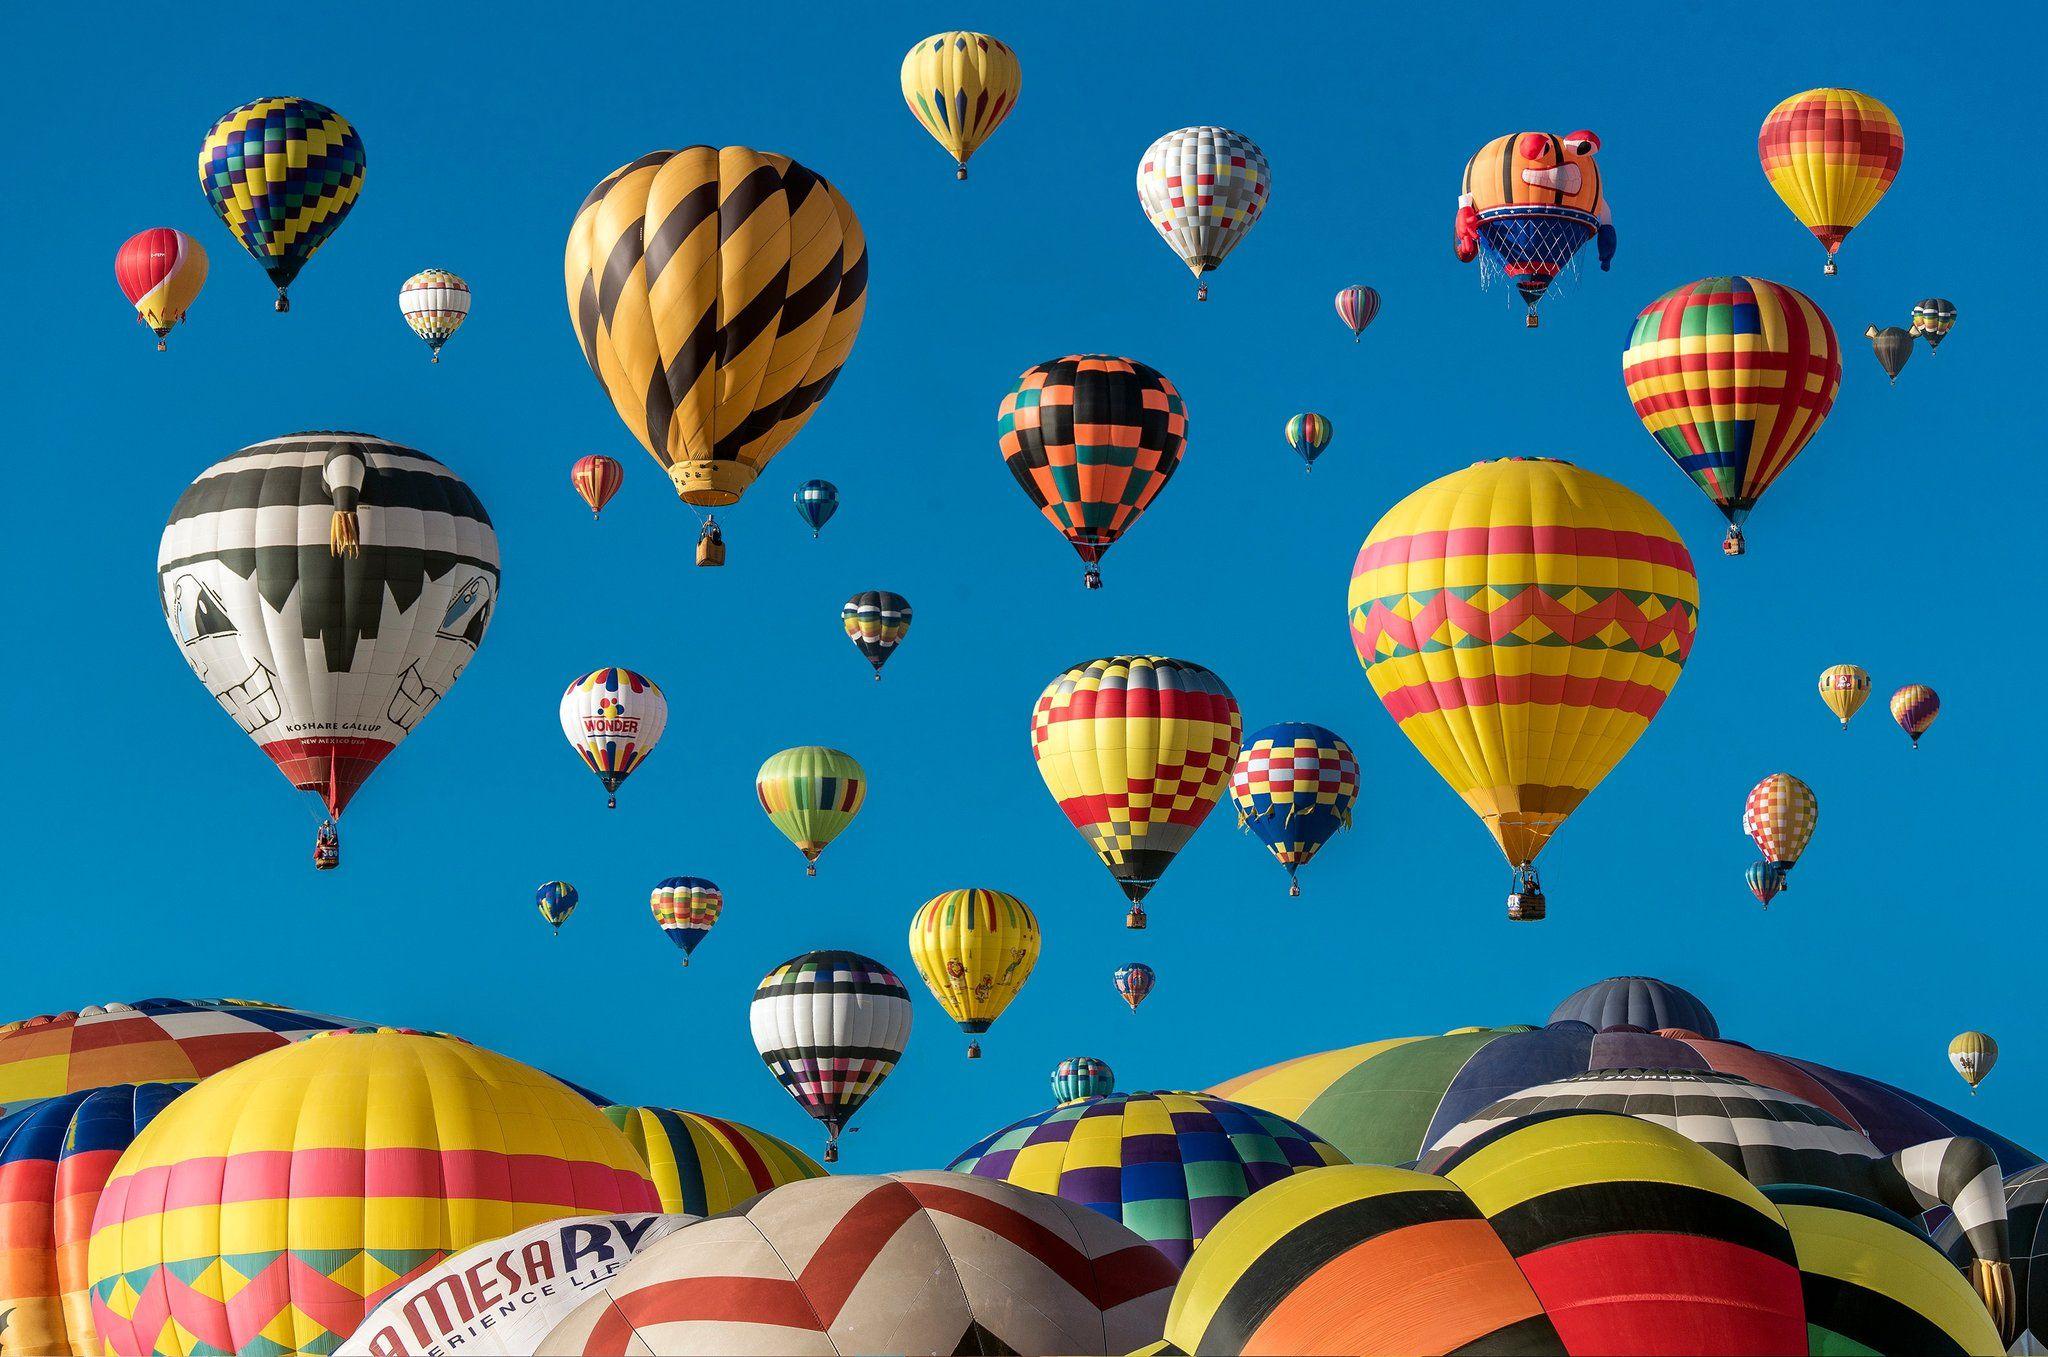 Go on a Hot Air Balloon Ride Air balloon rides, Air